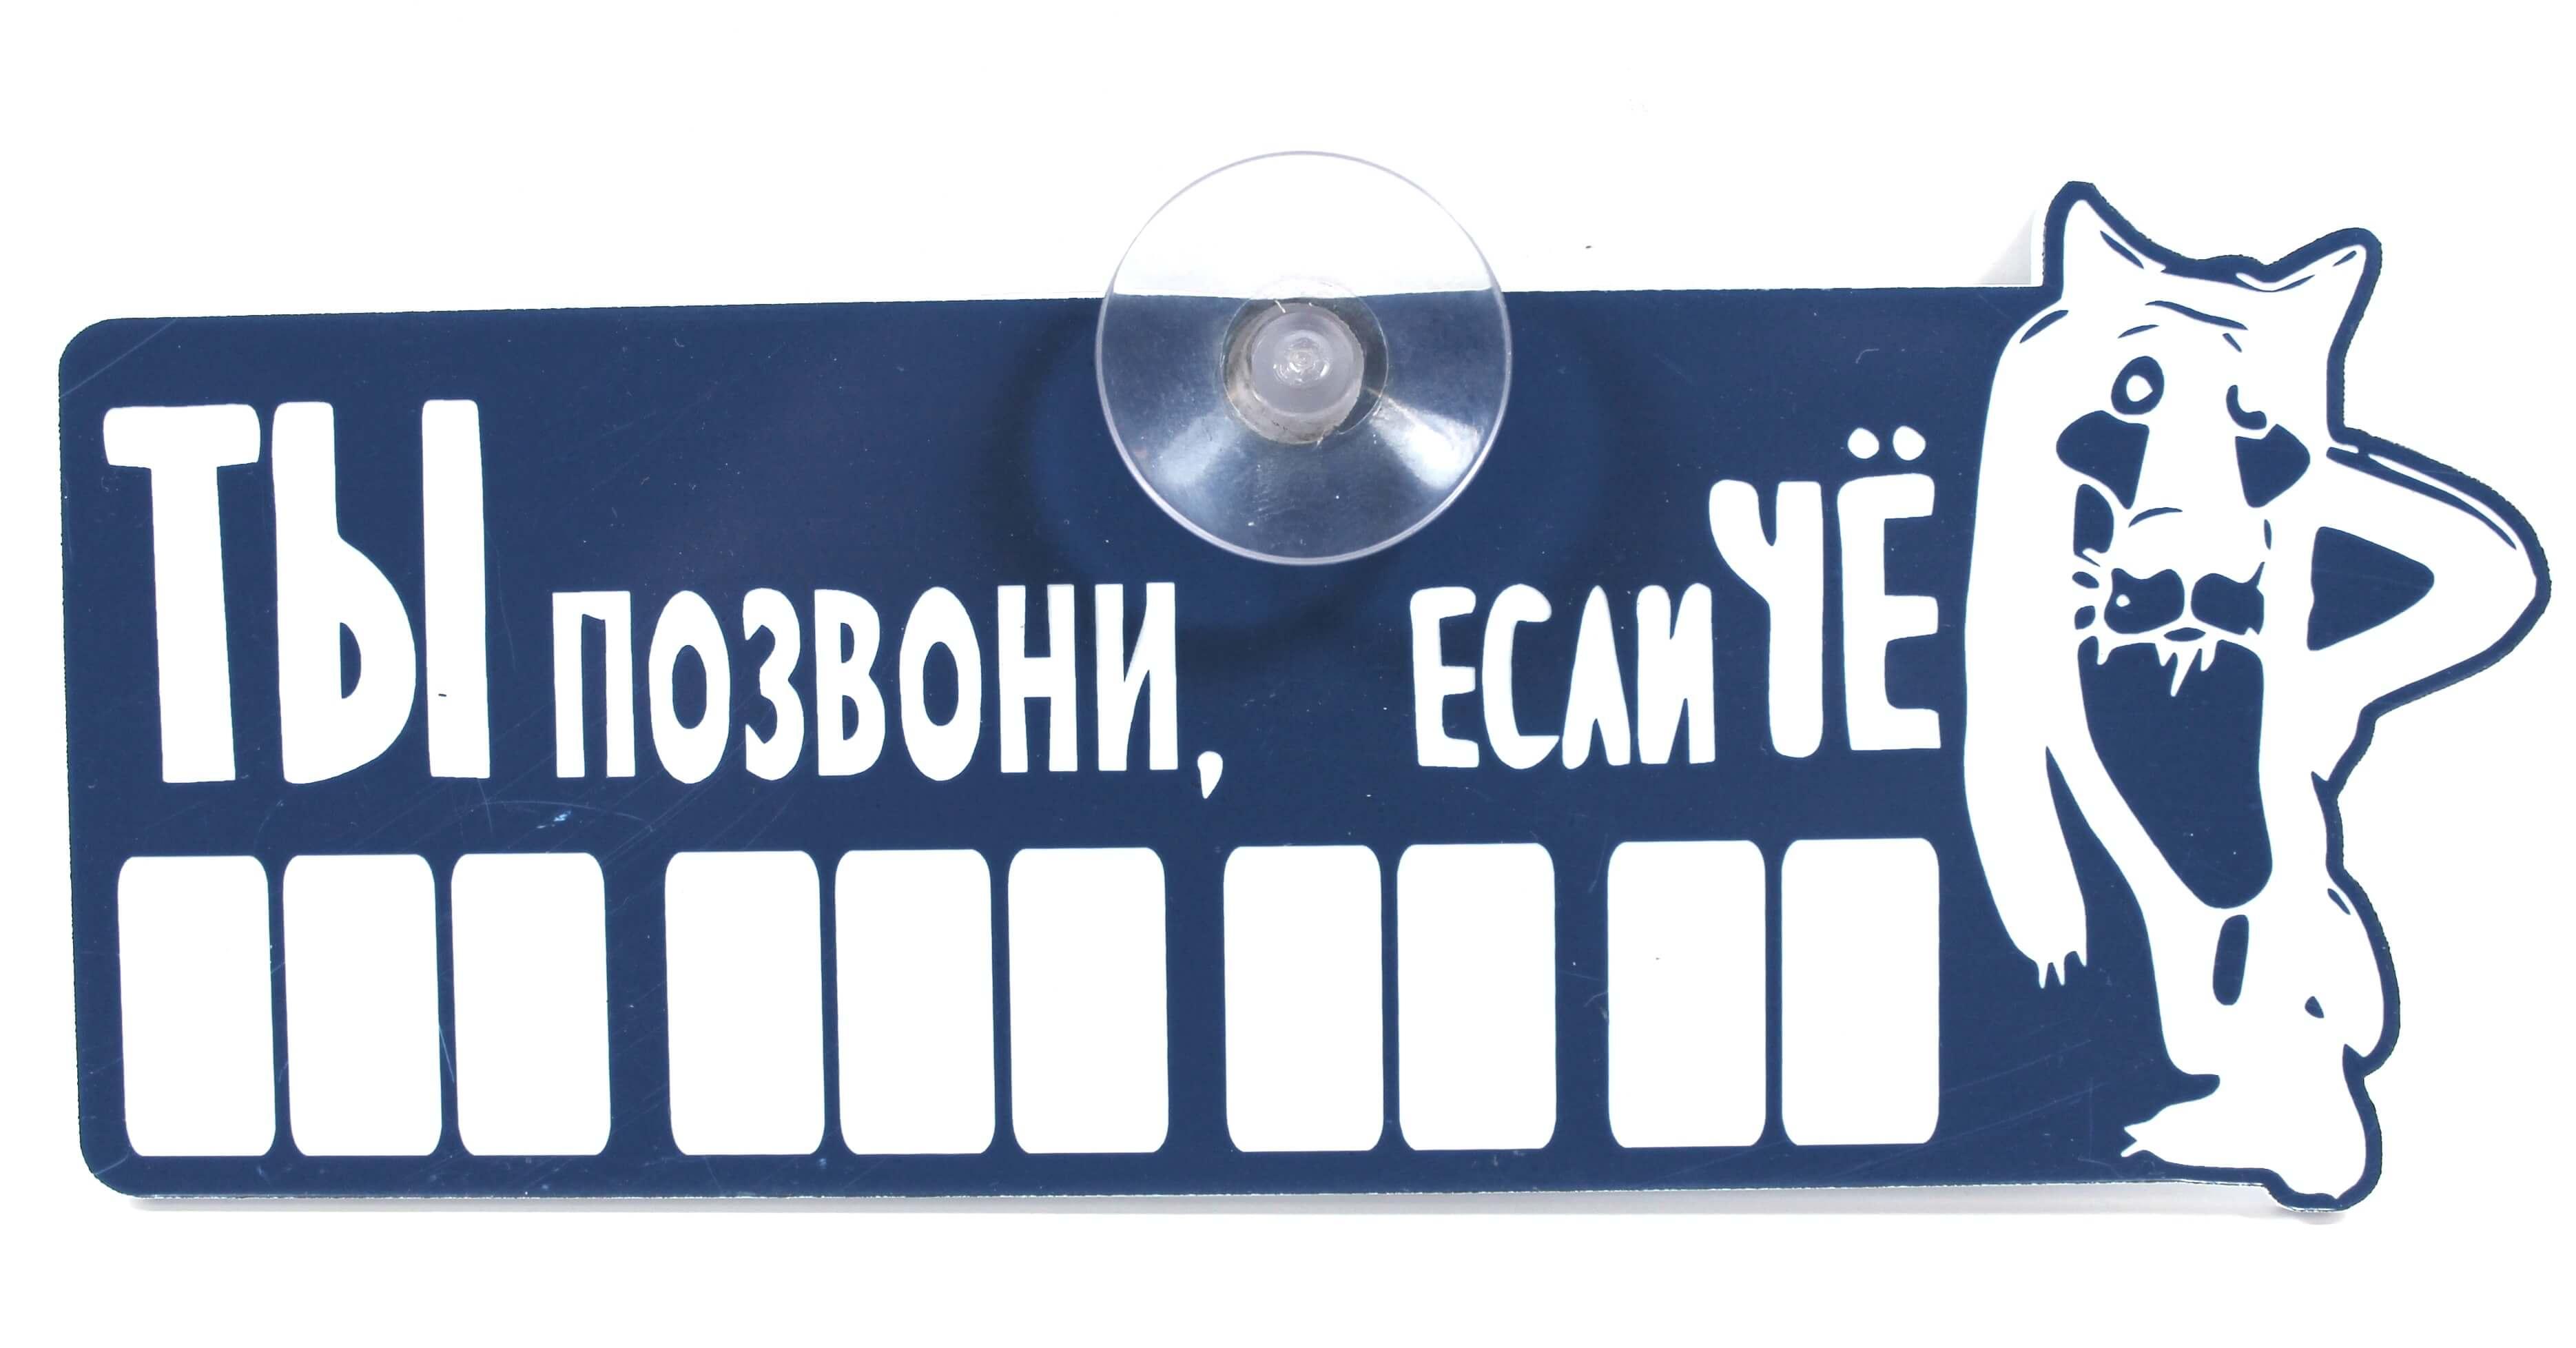 таблички на авто с номером телефона